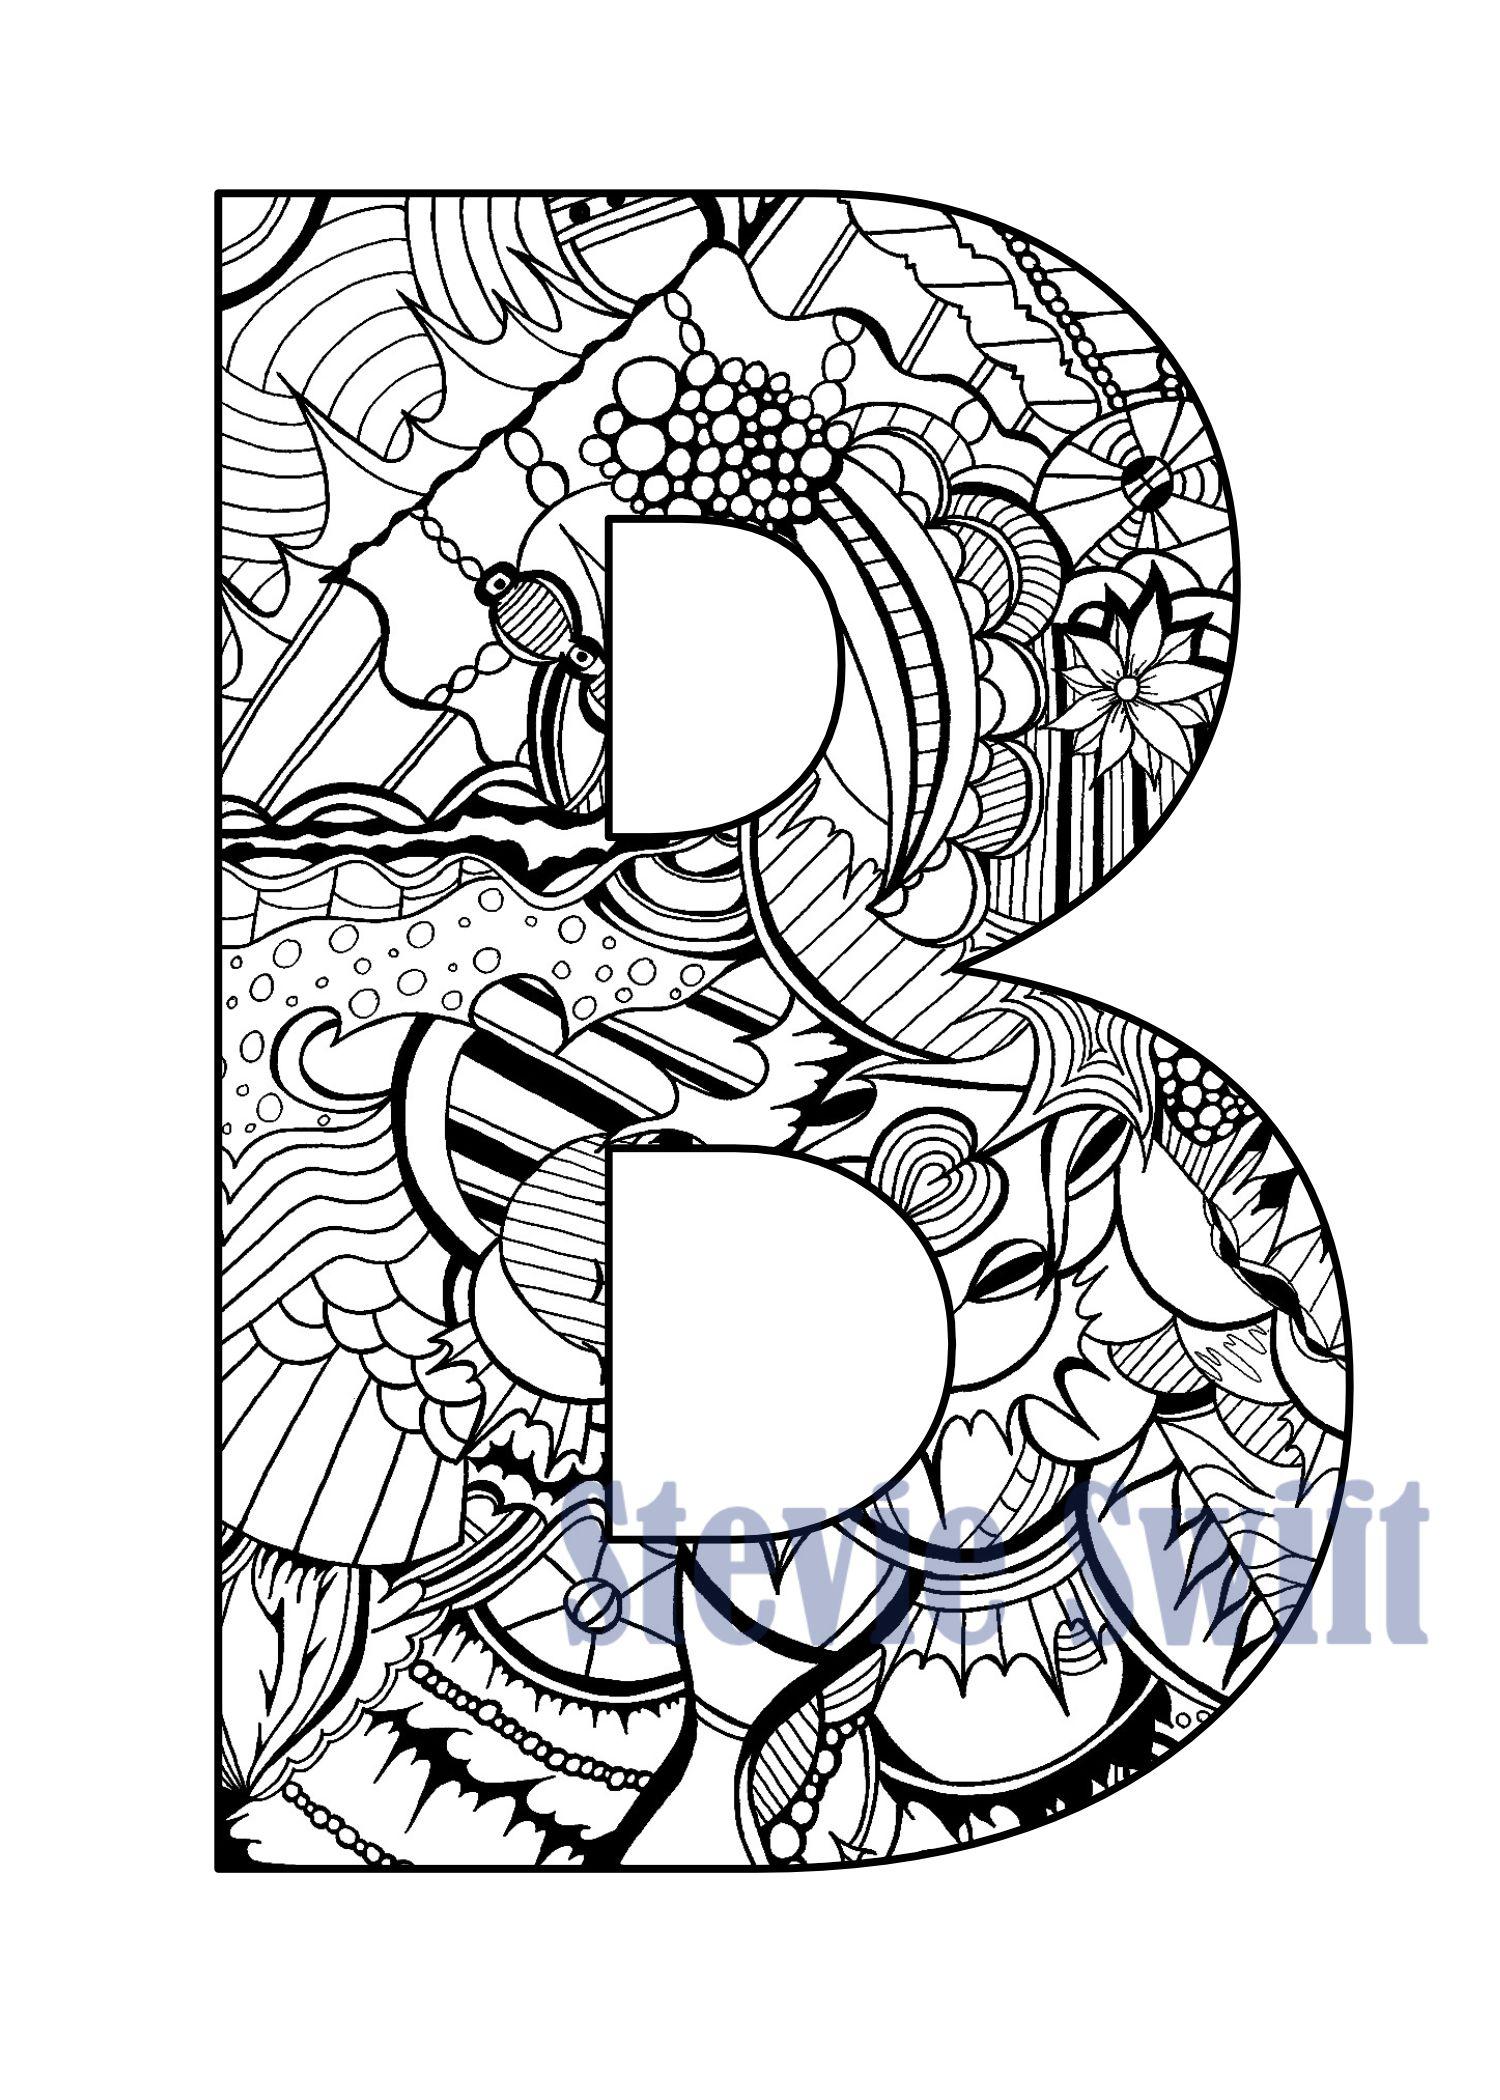 Colorable doodles letters coloring pinterest doodle colorable doodles letters thecheapjerseys Images